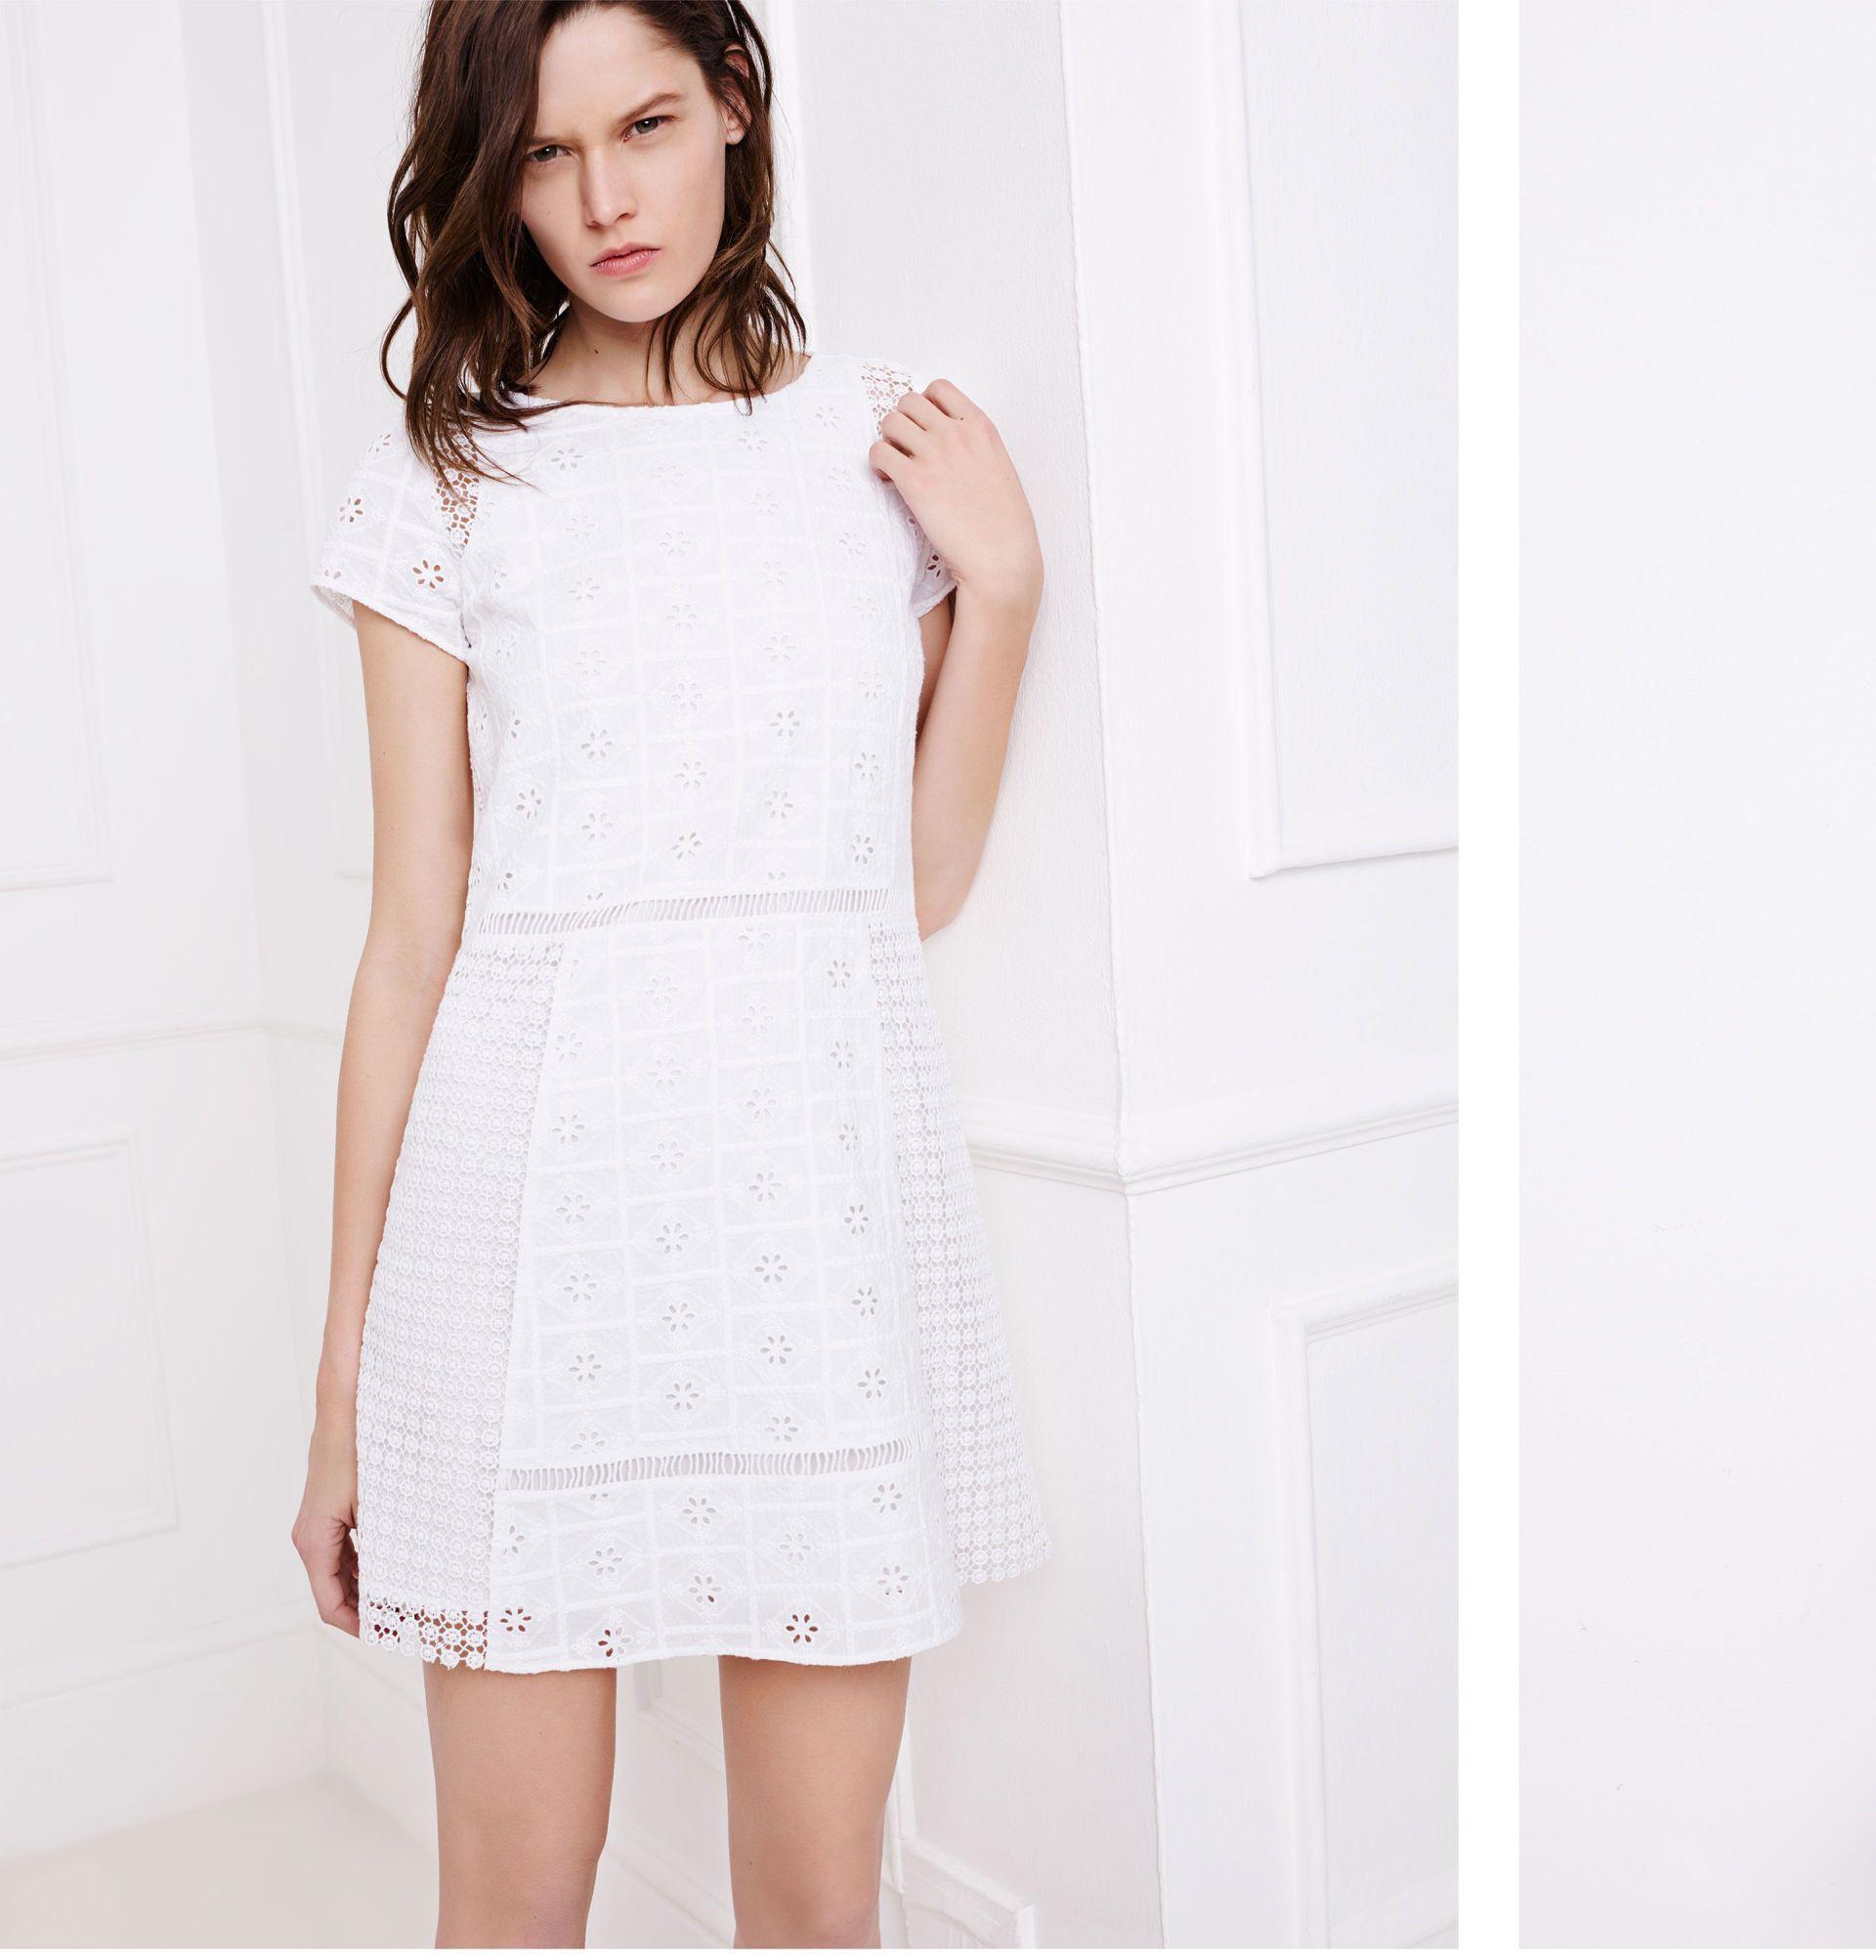 Vestidos blanco zara 2018